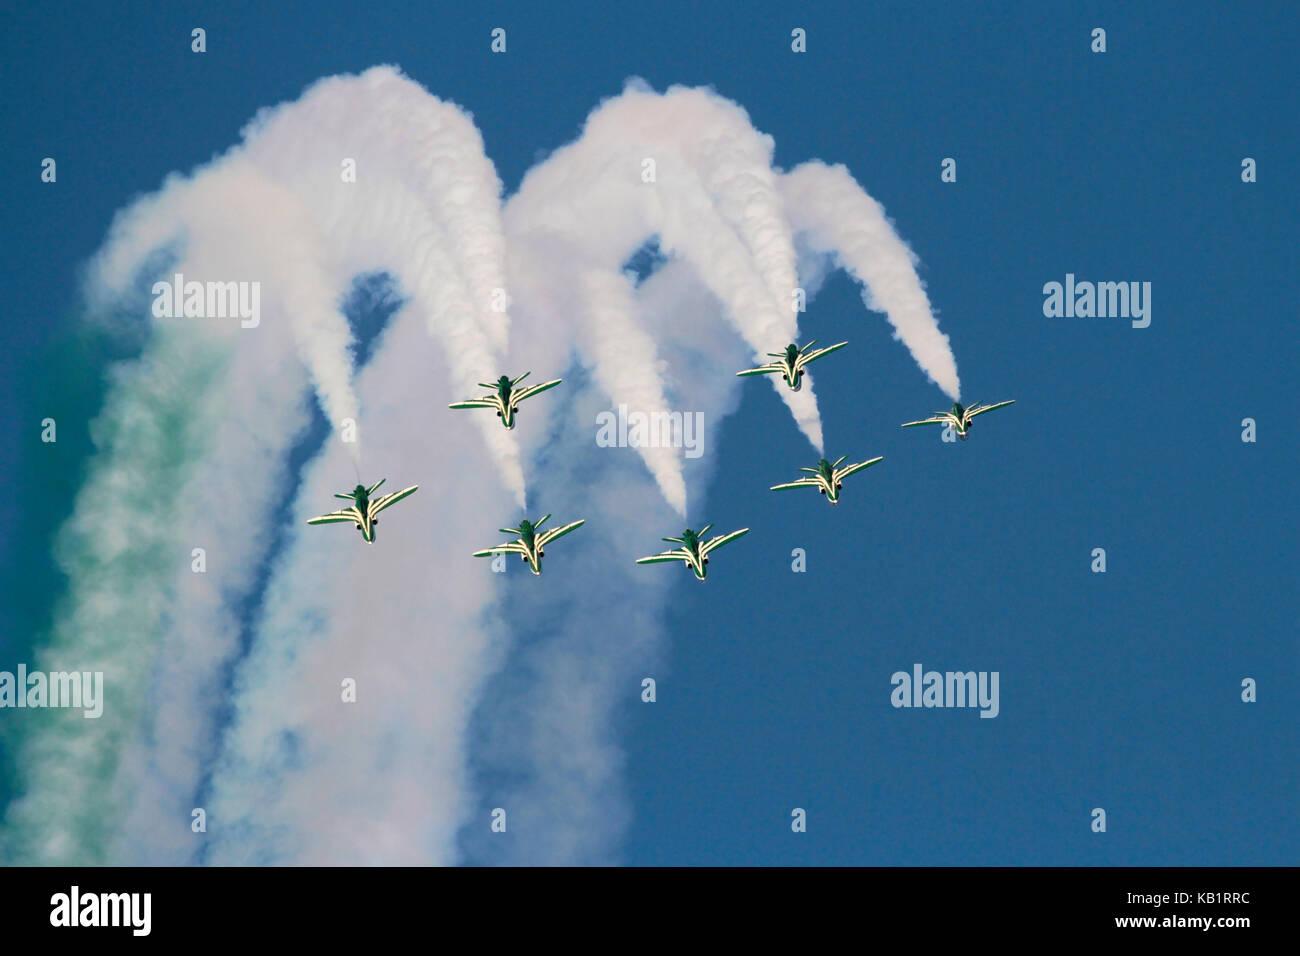 El equipo de visualización de Arabia halcones acrobático de la Real Fuerza Aérea Saudita realizar Imagen De Stock